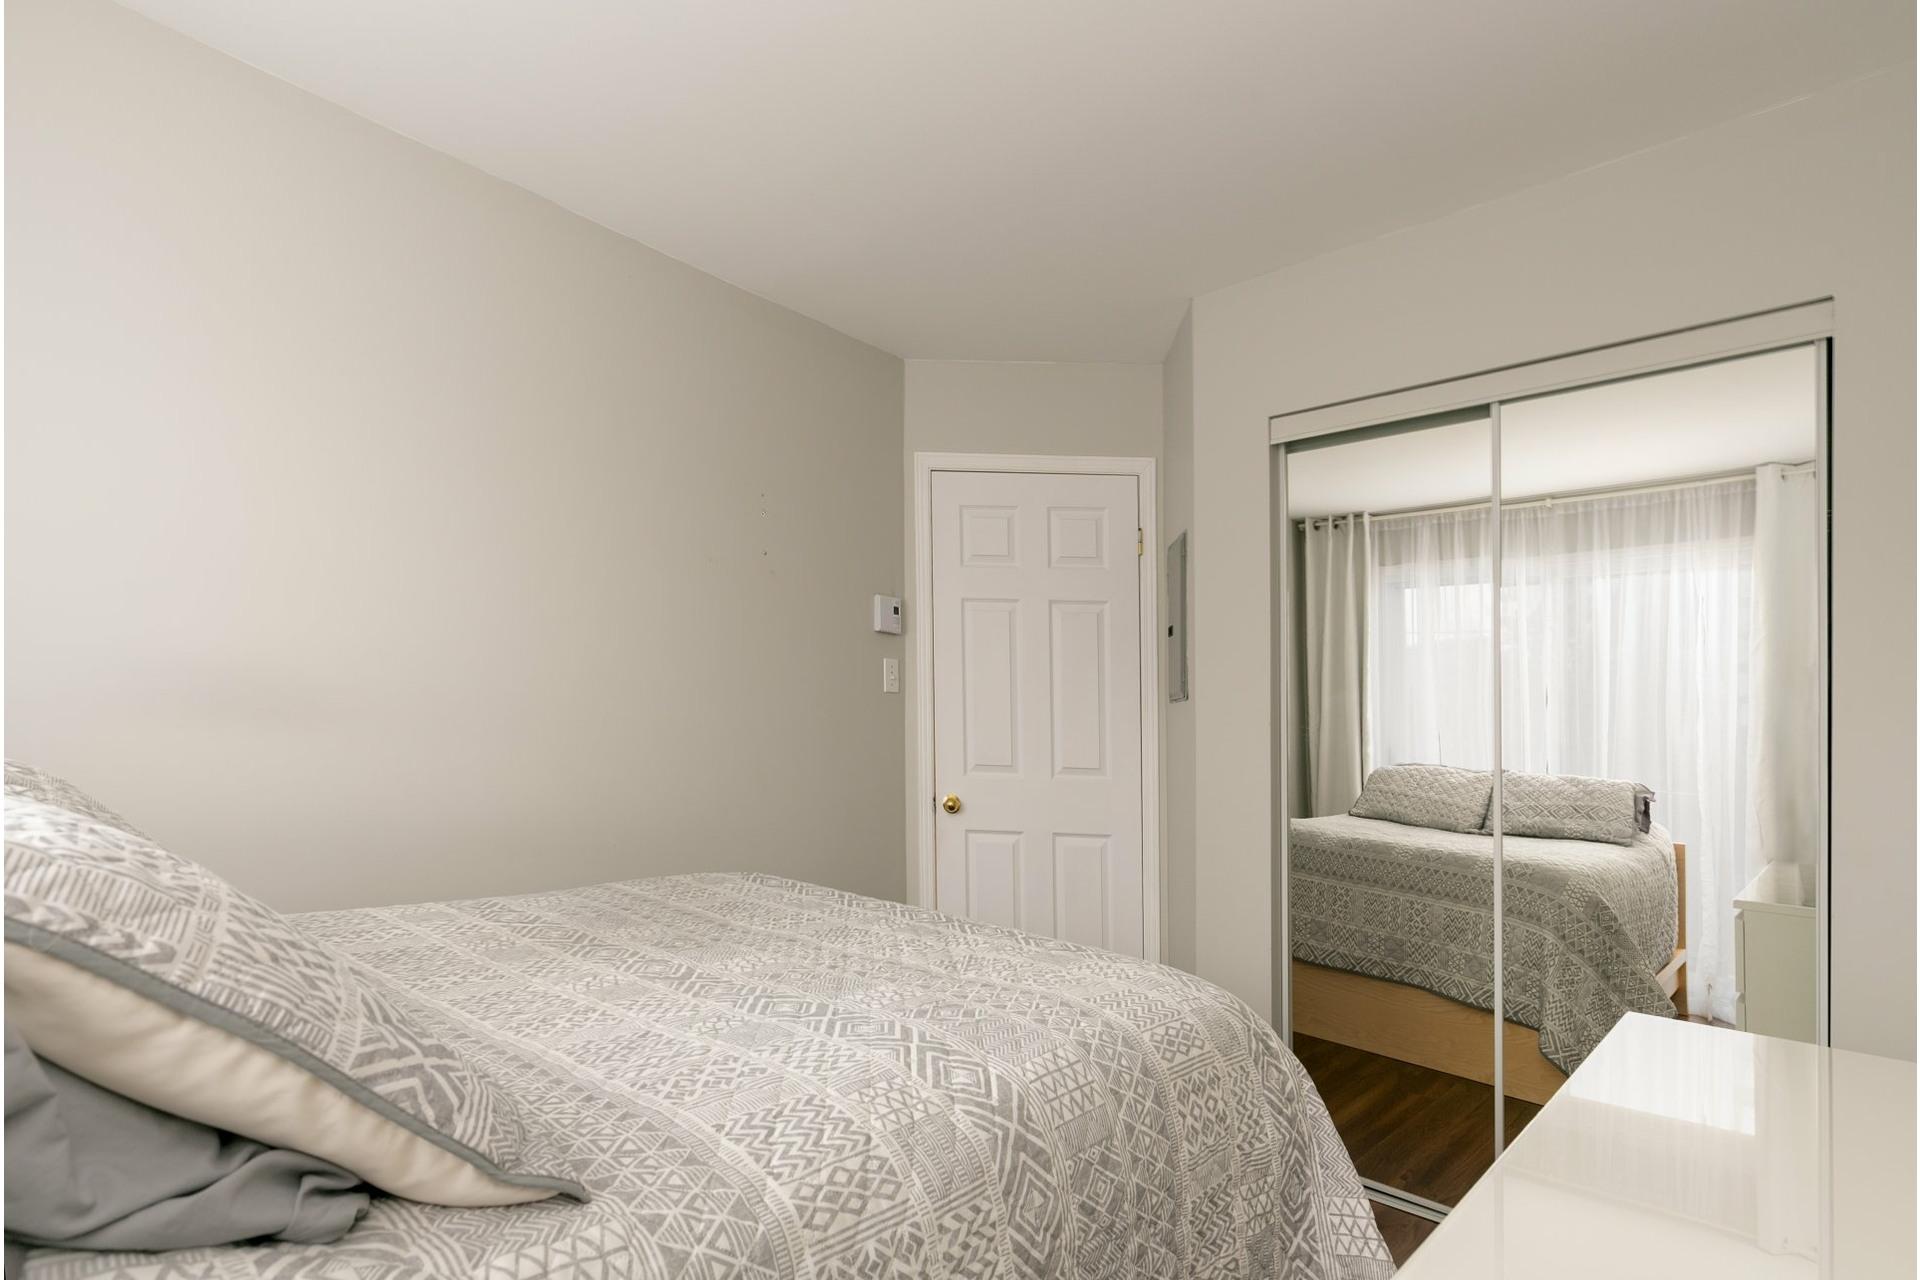 image 13 - Appartement À vendre Mont-Saint-Hilaire - 7 pièces